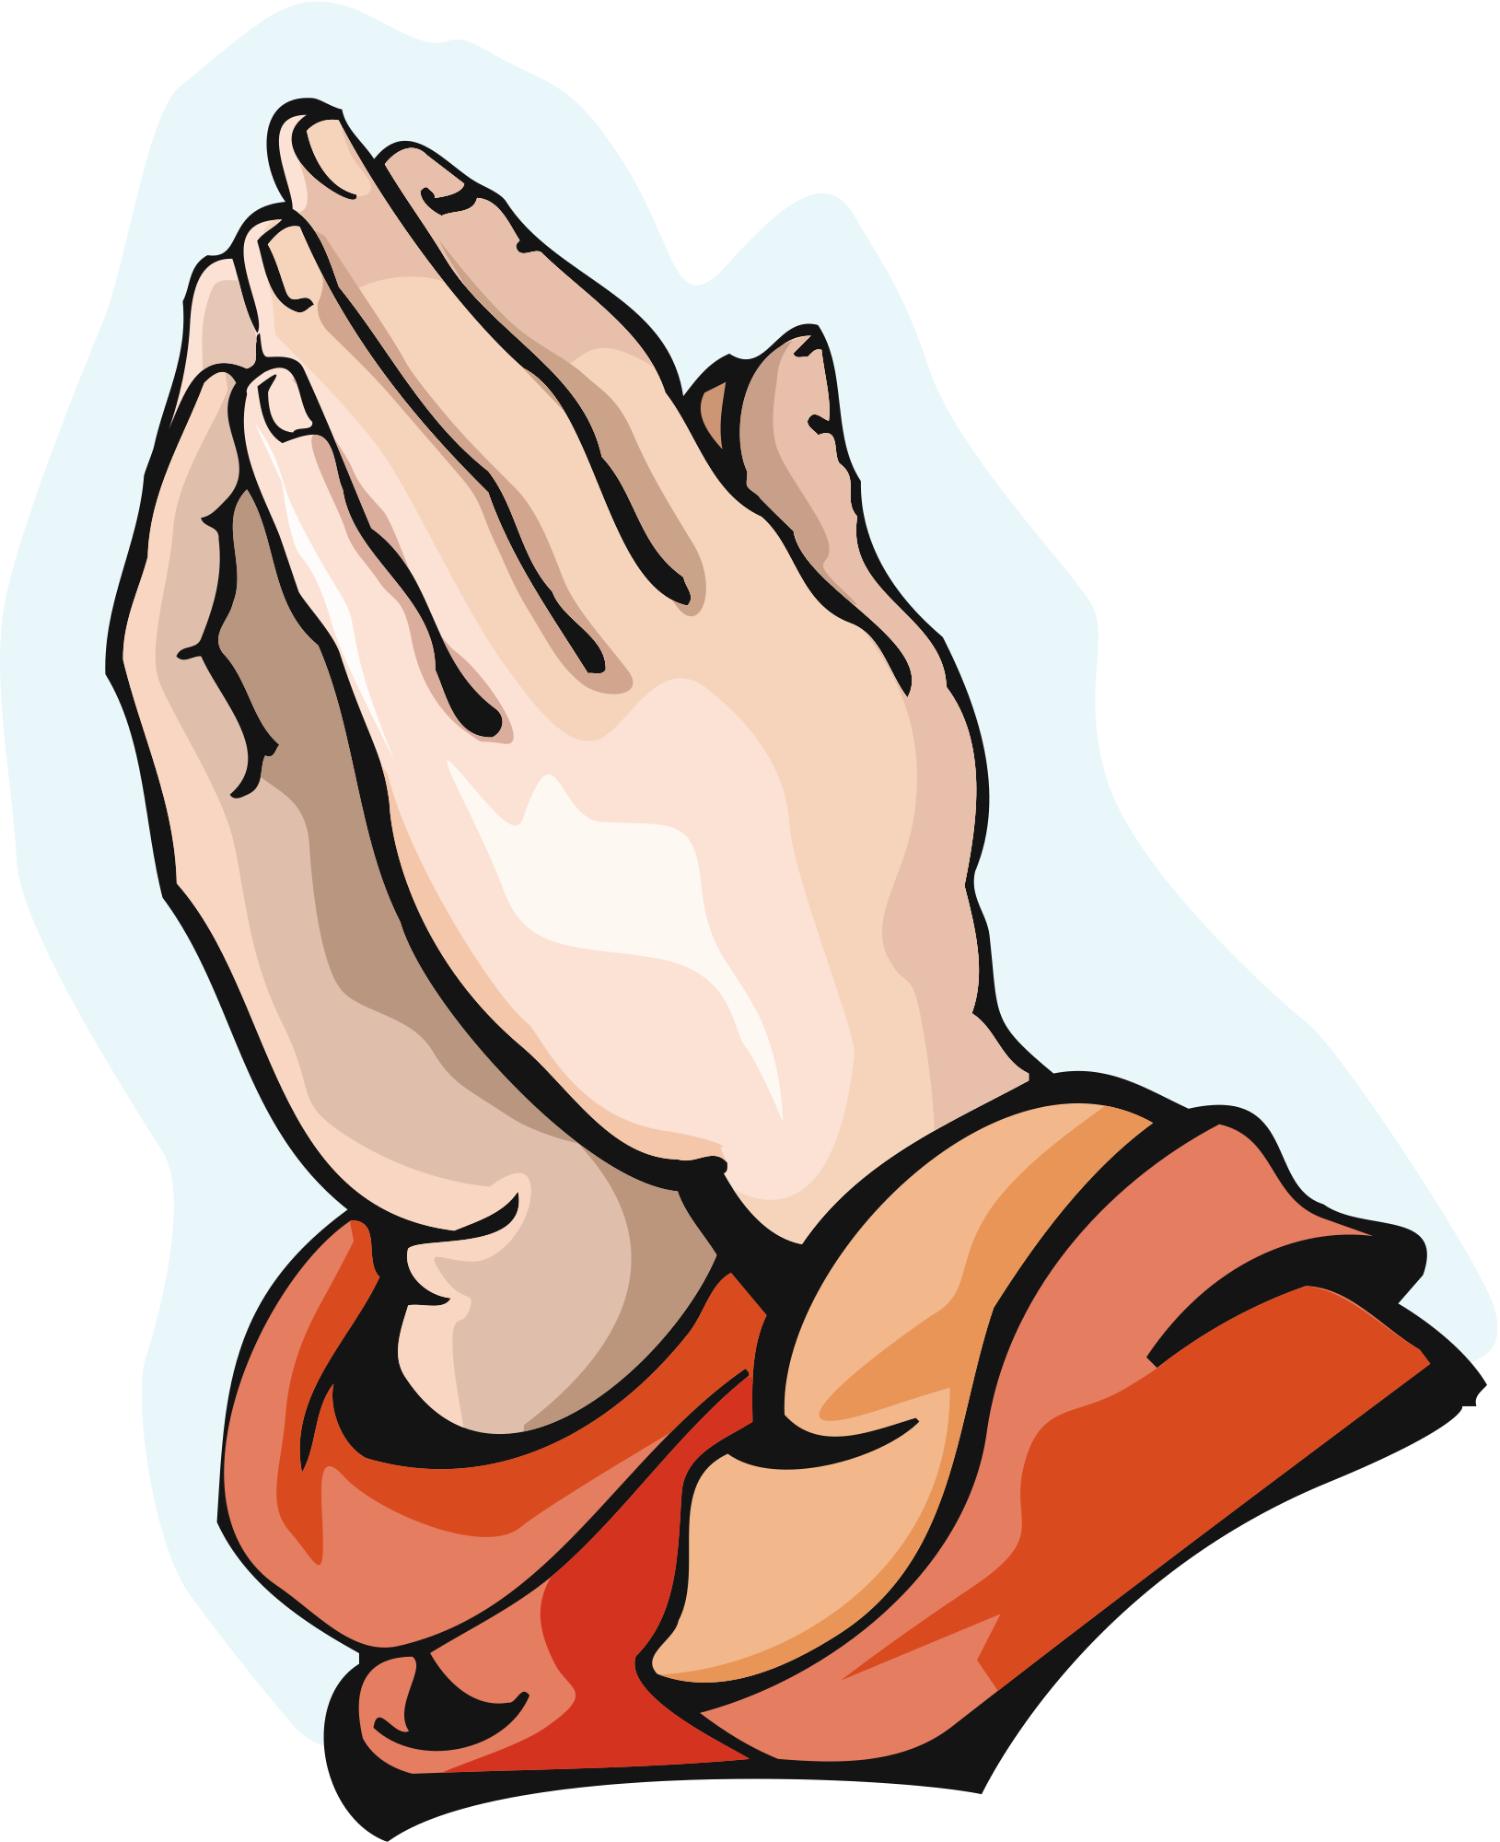 Open Praying Hands Clipart Clipart Panda-Open Praying Hands Clipart Clipart Panda Free Clipart Images-4